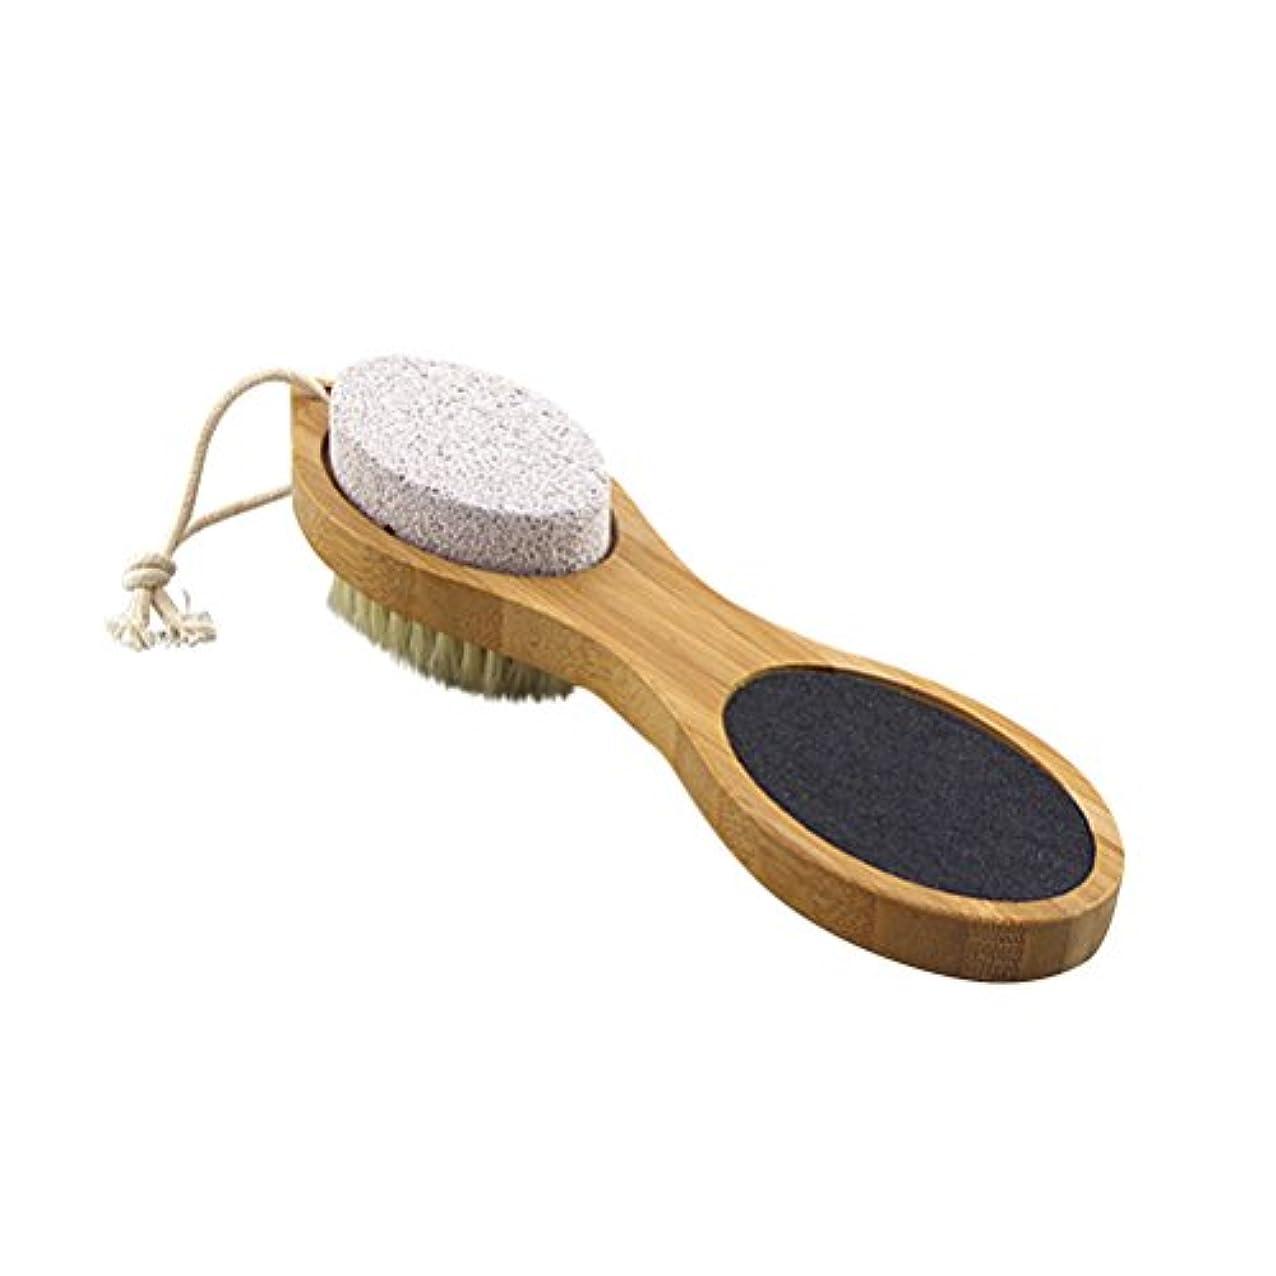 説得より平らな顕著ULTNICE 足ブラシ 角質除去 毛ブラシ?砂ブラシ?軽石ブラシ?鋼ブラシ ボディブラシ フットマッサージ